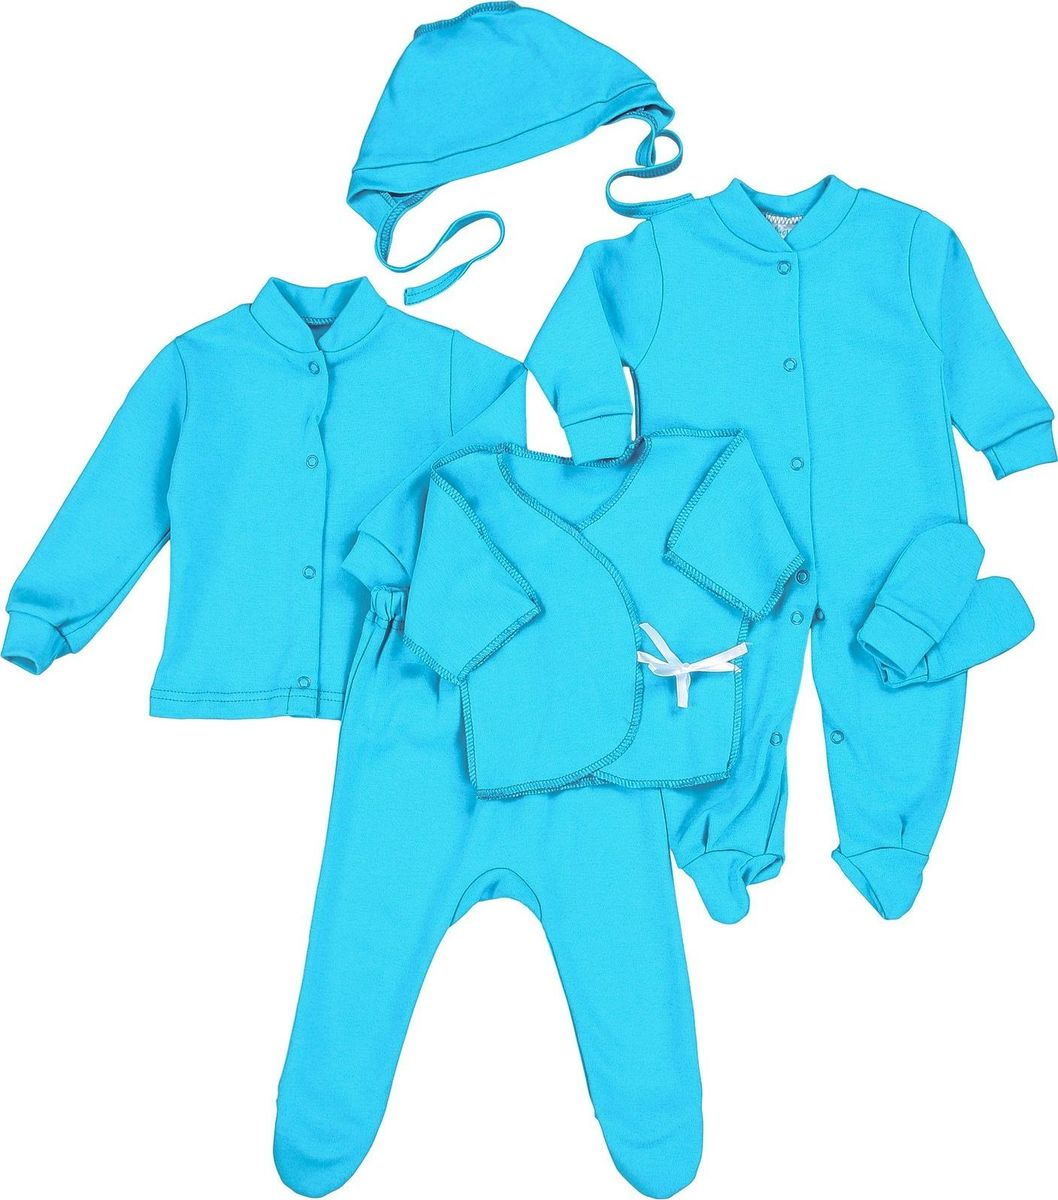 Комплект одежды Грачонок комплект одежды для девочки грачонок цвет синий 1425 размер 86